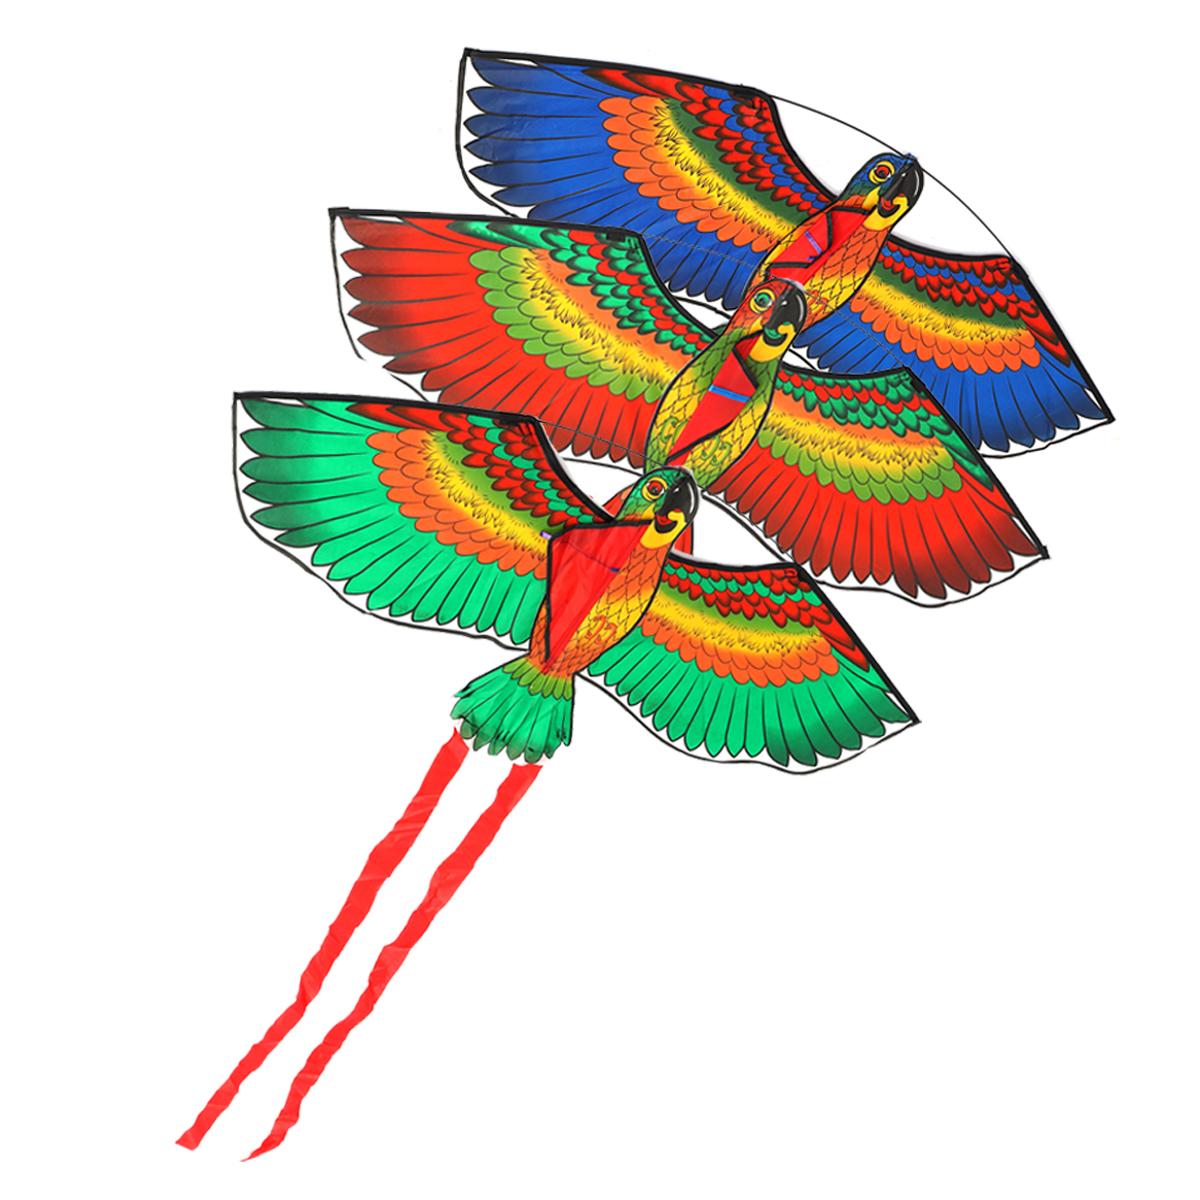 На#and#nbsp;открытом#and#nbsp;воздухе#and#nbsp;Пляжный#and#nbsp;Park#and#nbsp;Полиэстер Кемпинг Flying Kite Bird Parrot Steady String Spool для взрослых